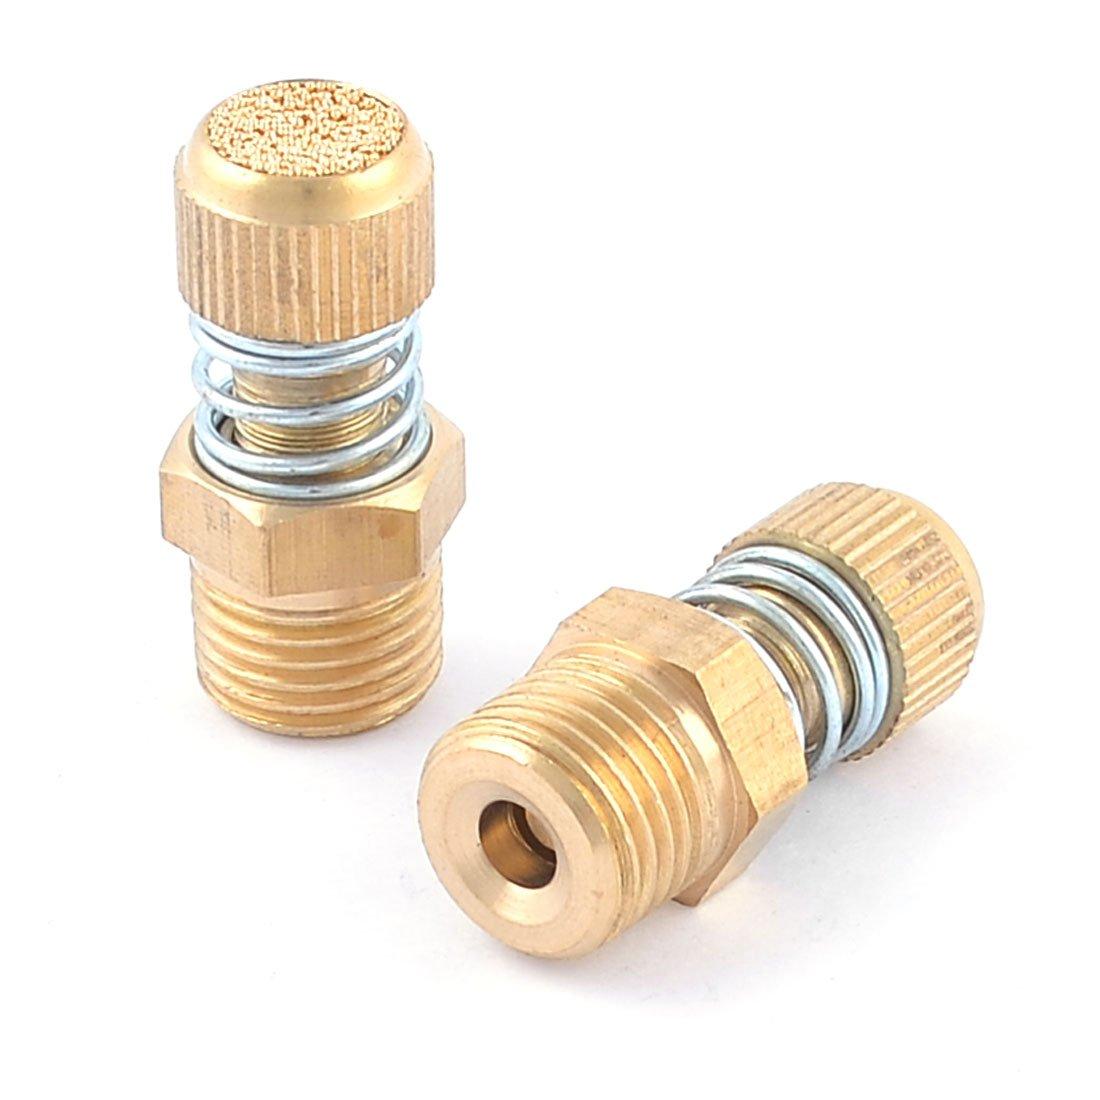 uxcell 2pcs 1//4 PT Thread Adjustable Pneumatic Reduce Noise Silencer Muffler